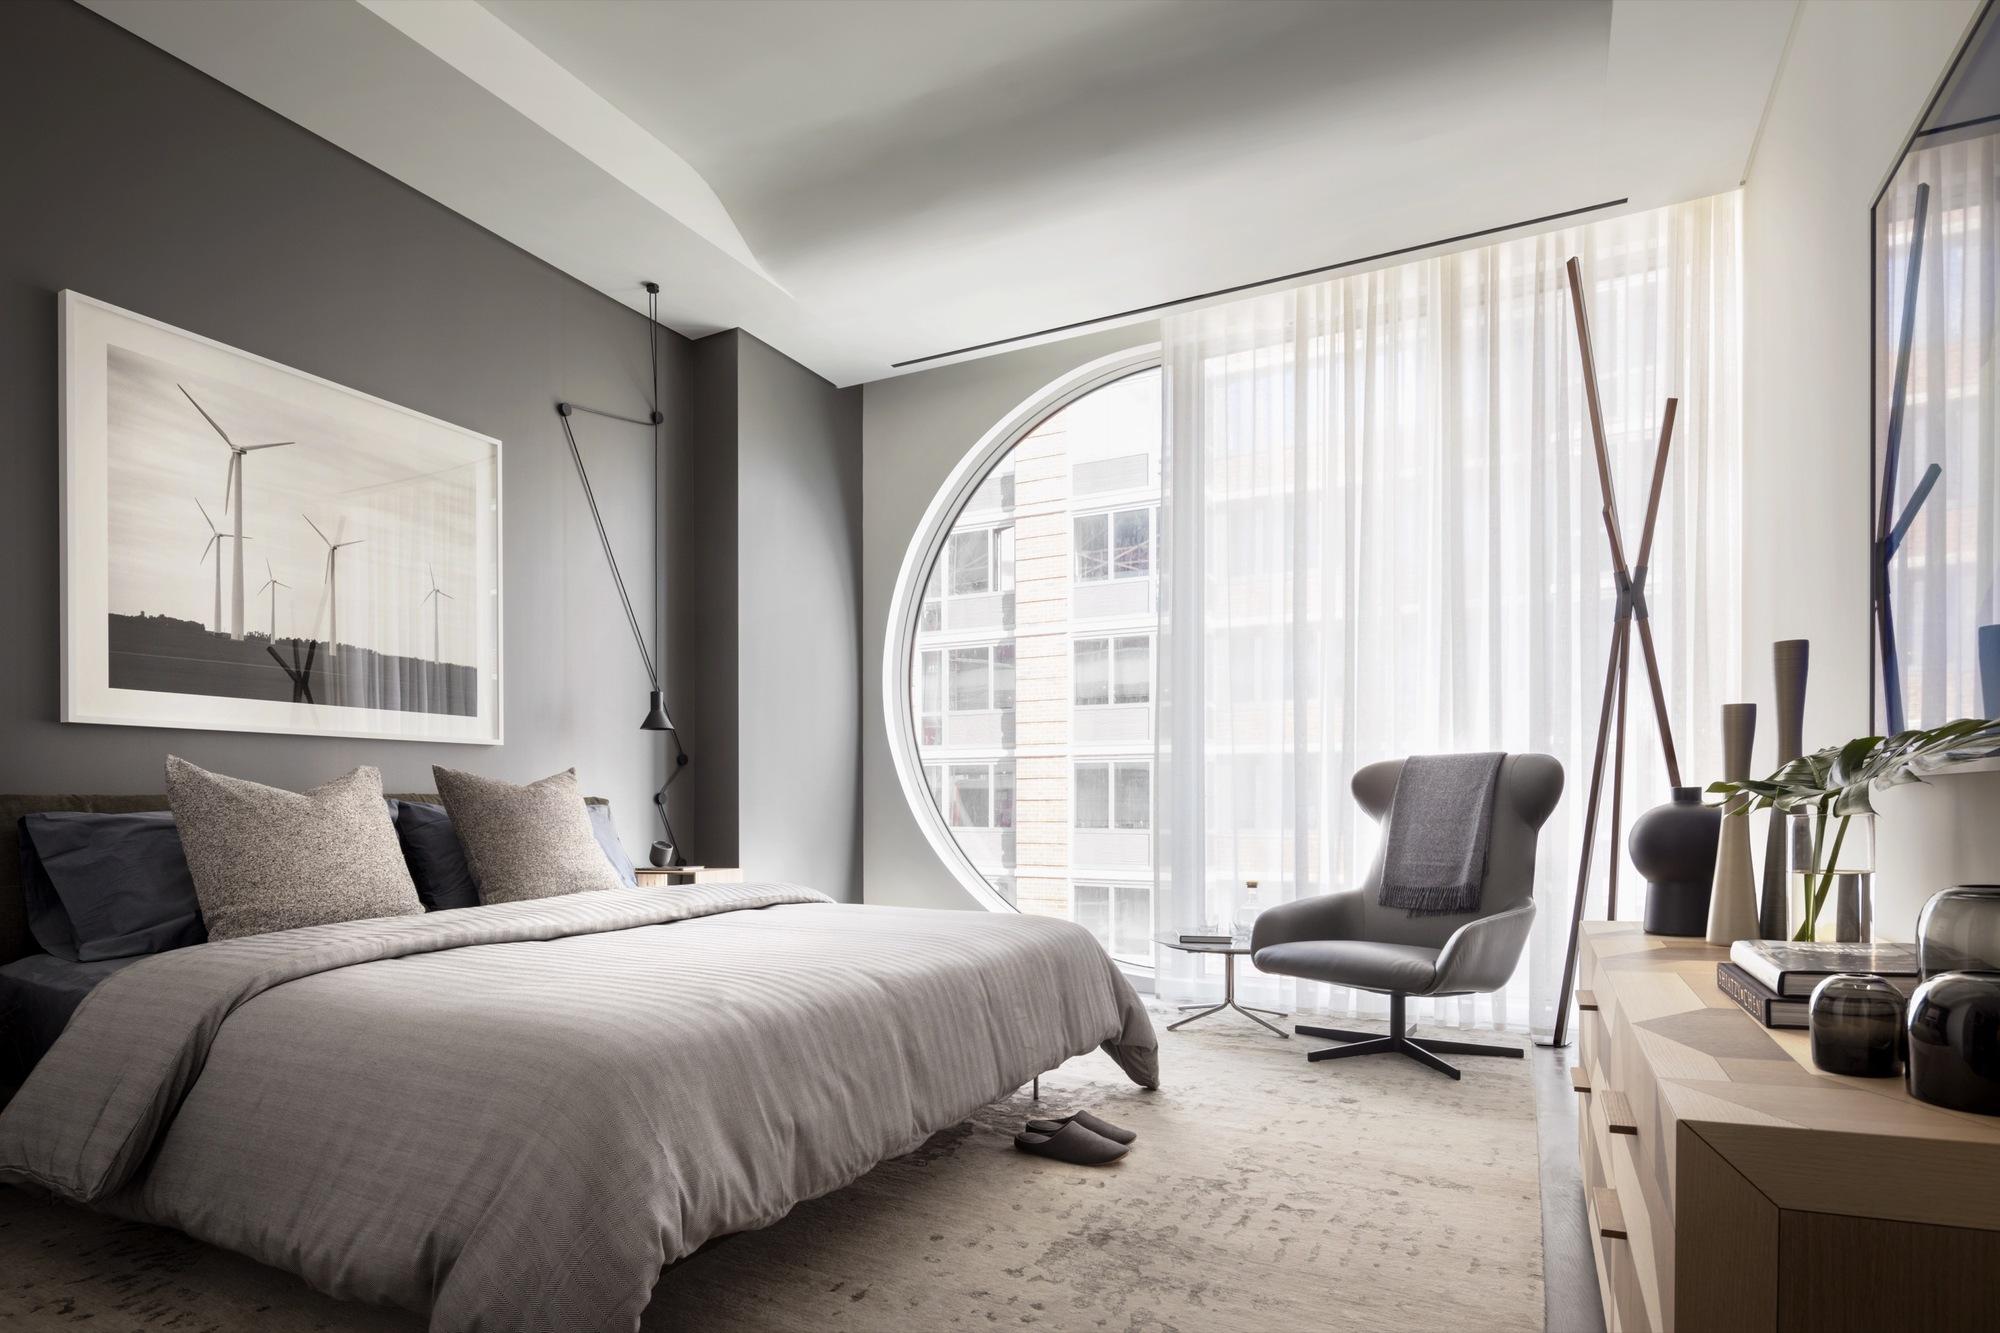 Mayfair bedroom furniture